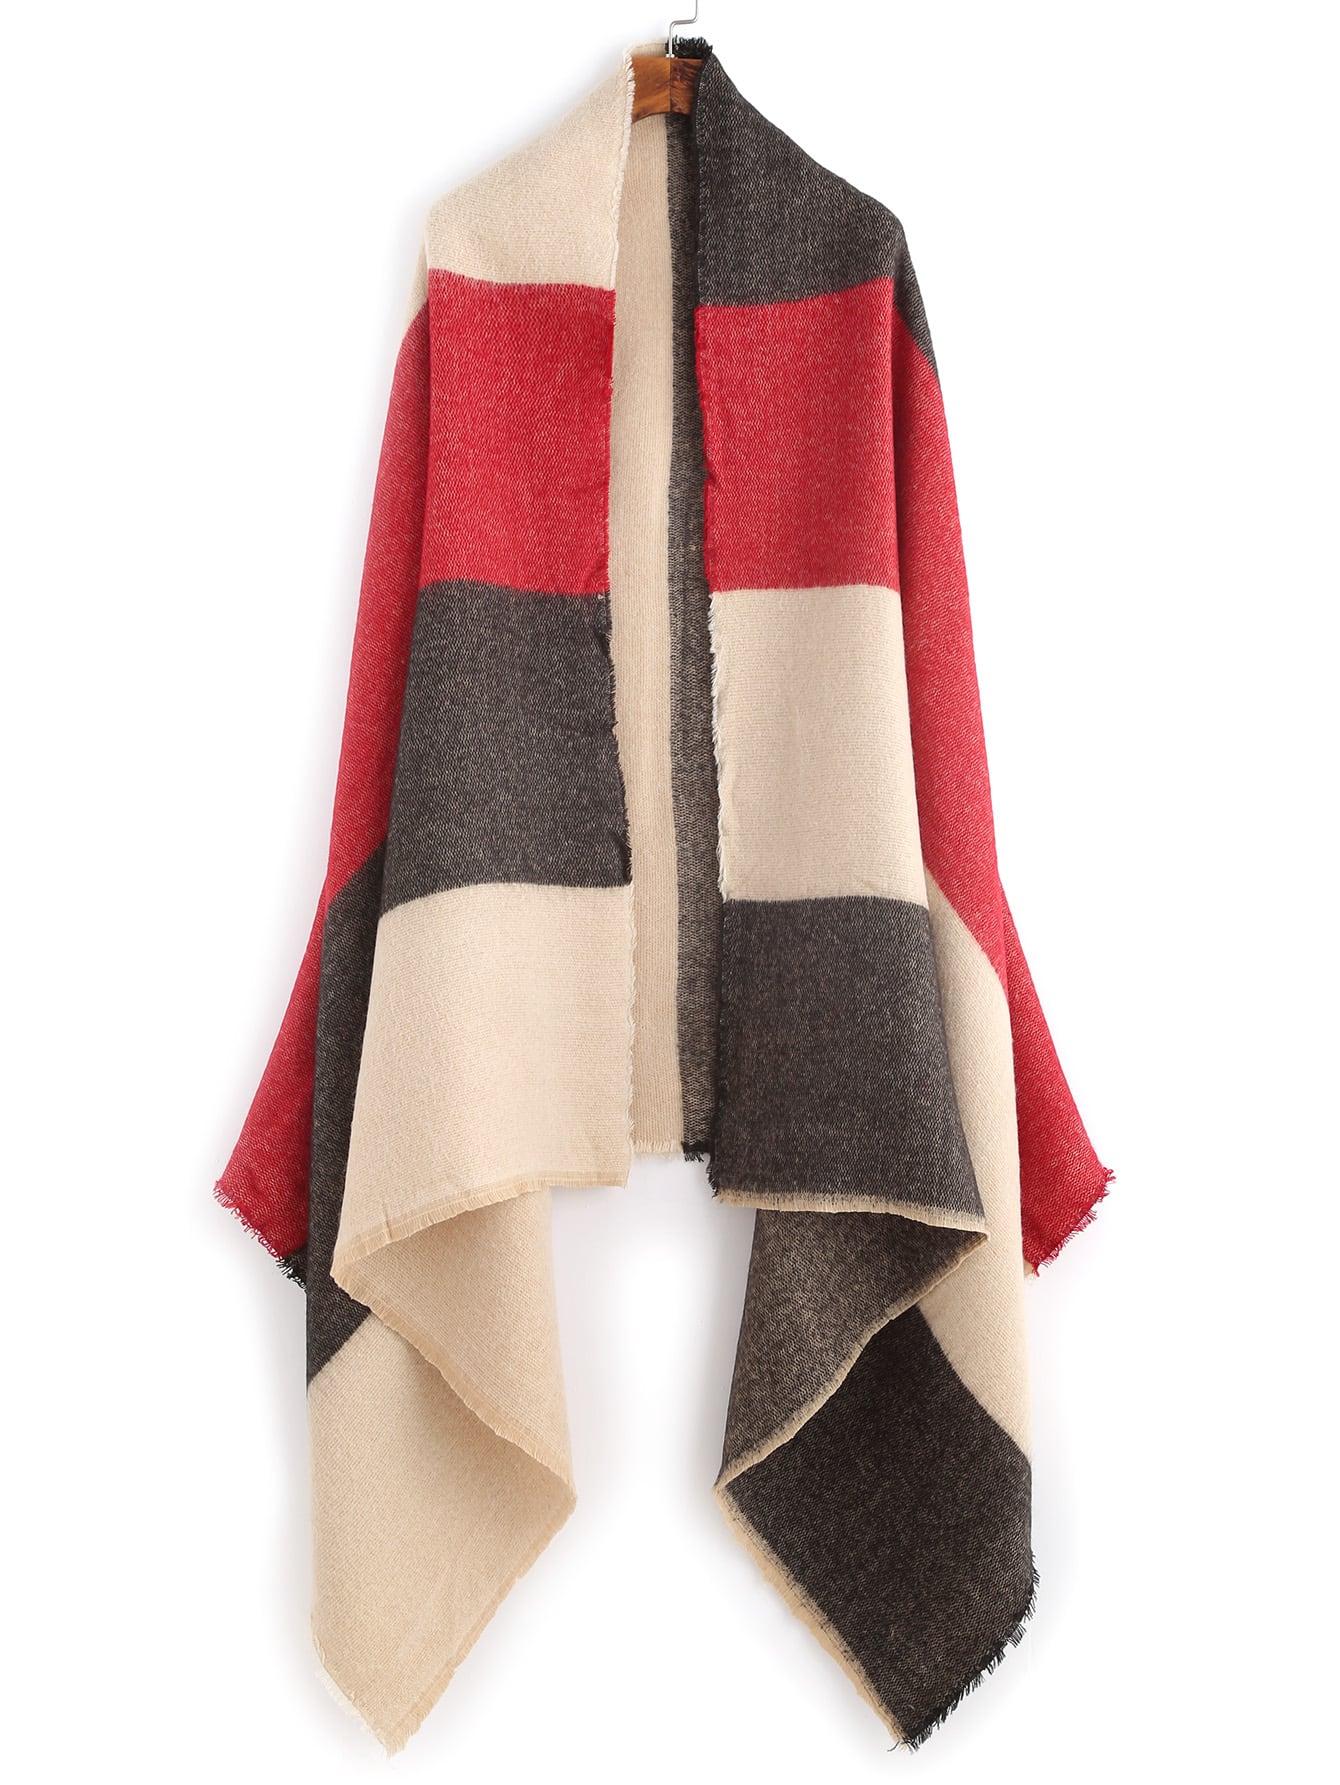 Mulitcolor Raw Edge Shawl Scarf scarf161029002